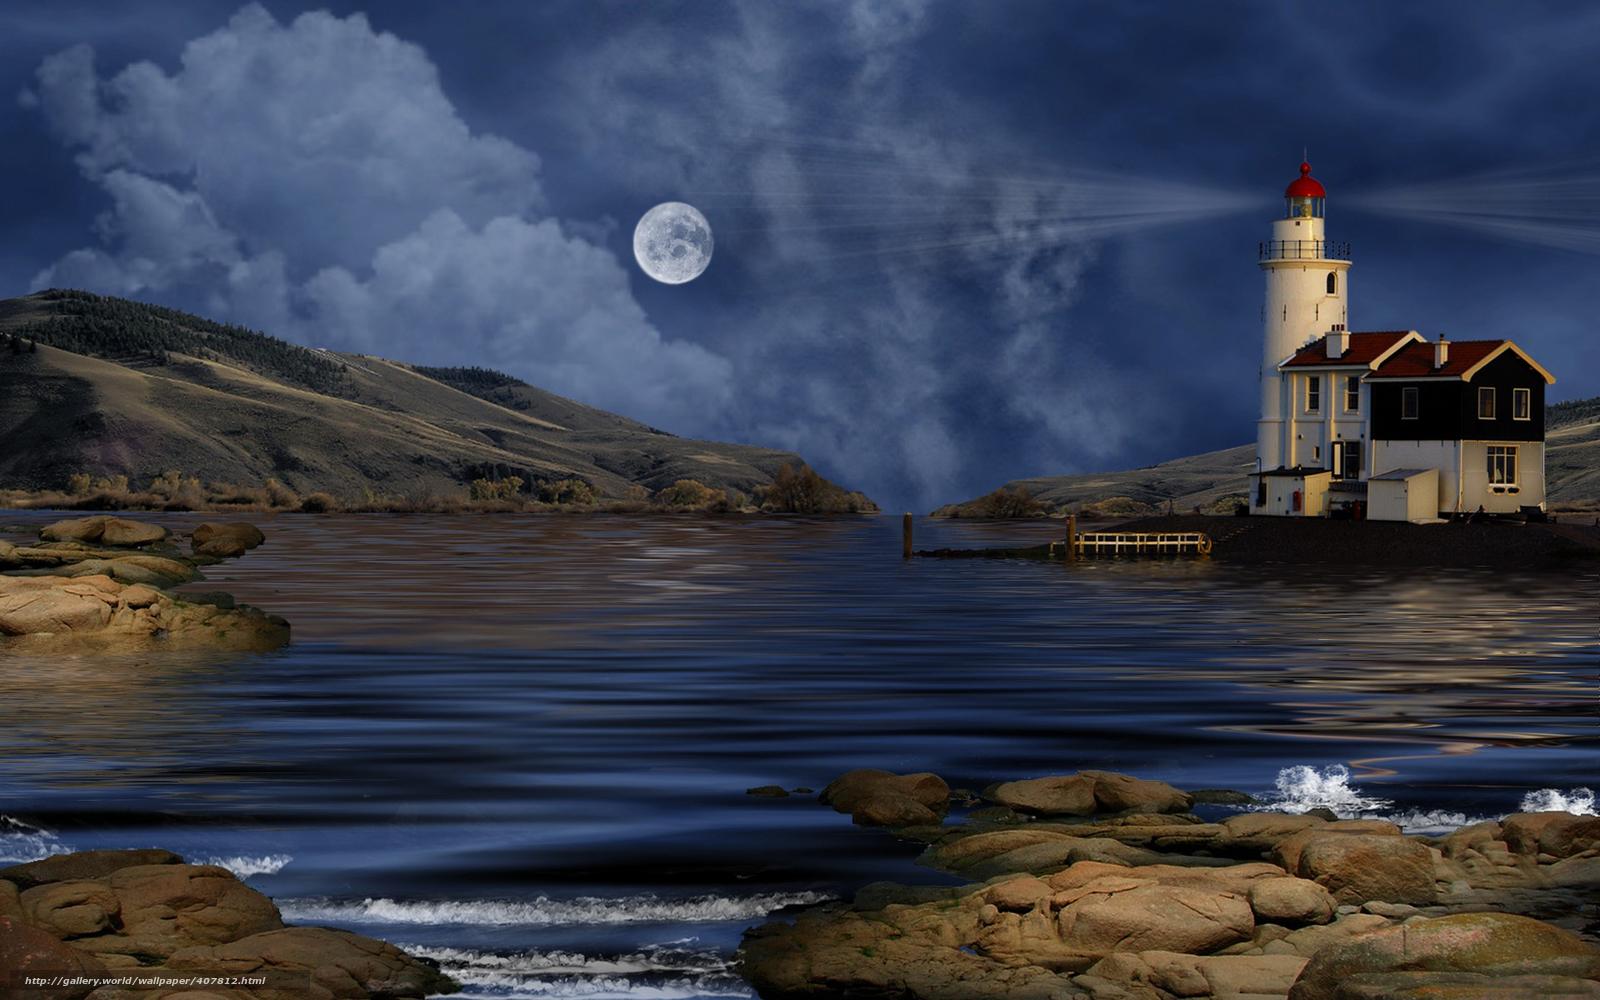 Galerry Download Hintergrund Island Norden Nacht Nordlicht Freie desktop